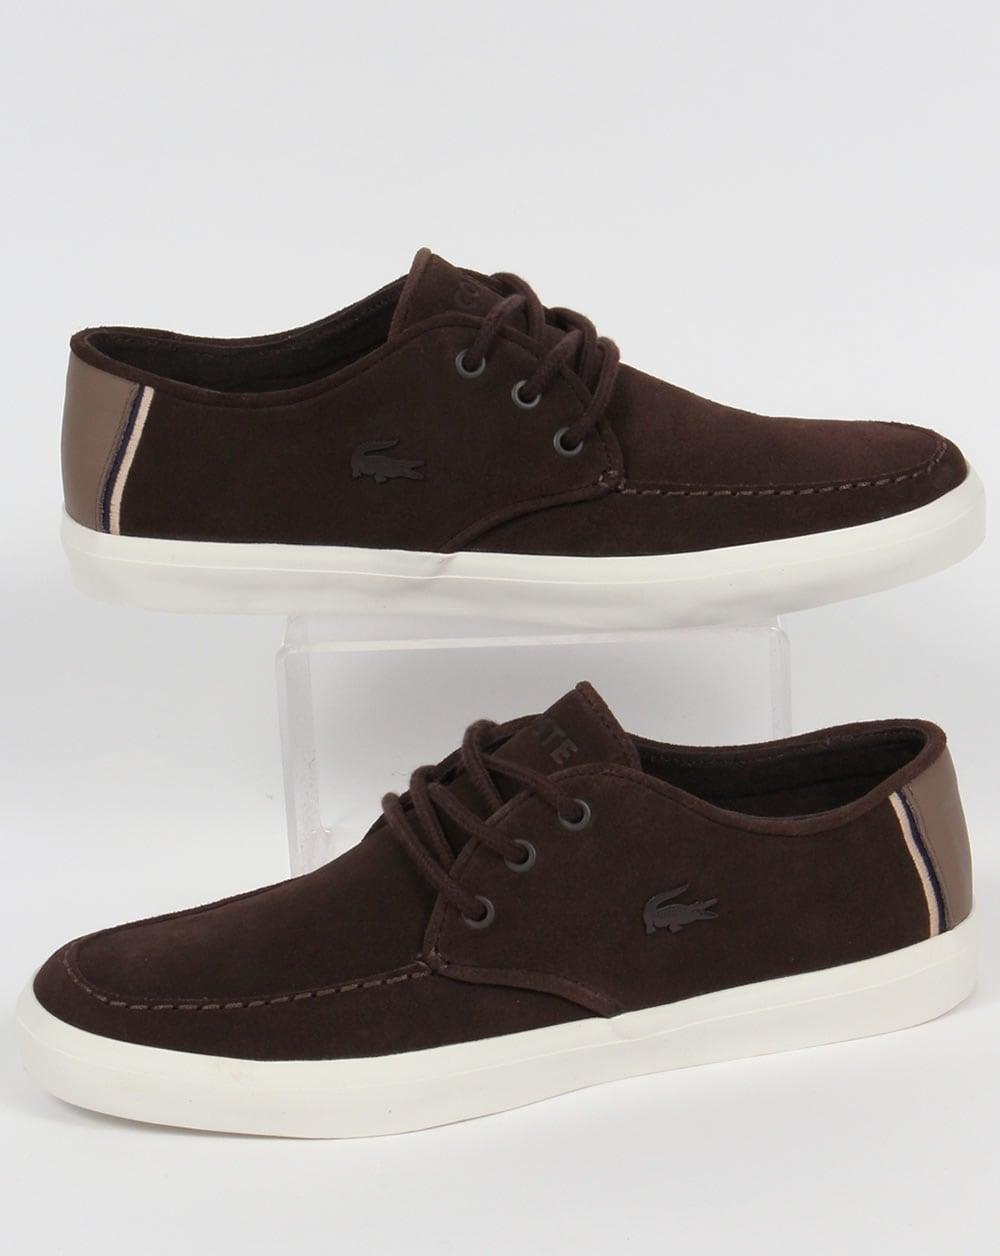 the best attitude 7e8d4 fa931 Lacoste Lacoste Sevrin Suedette Boat Shoes Dark Brown